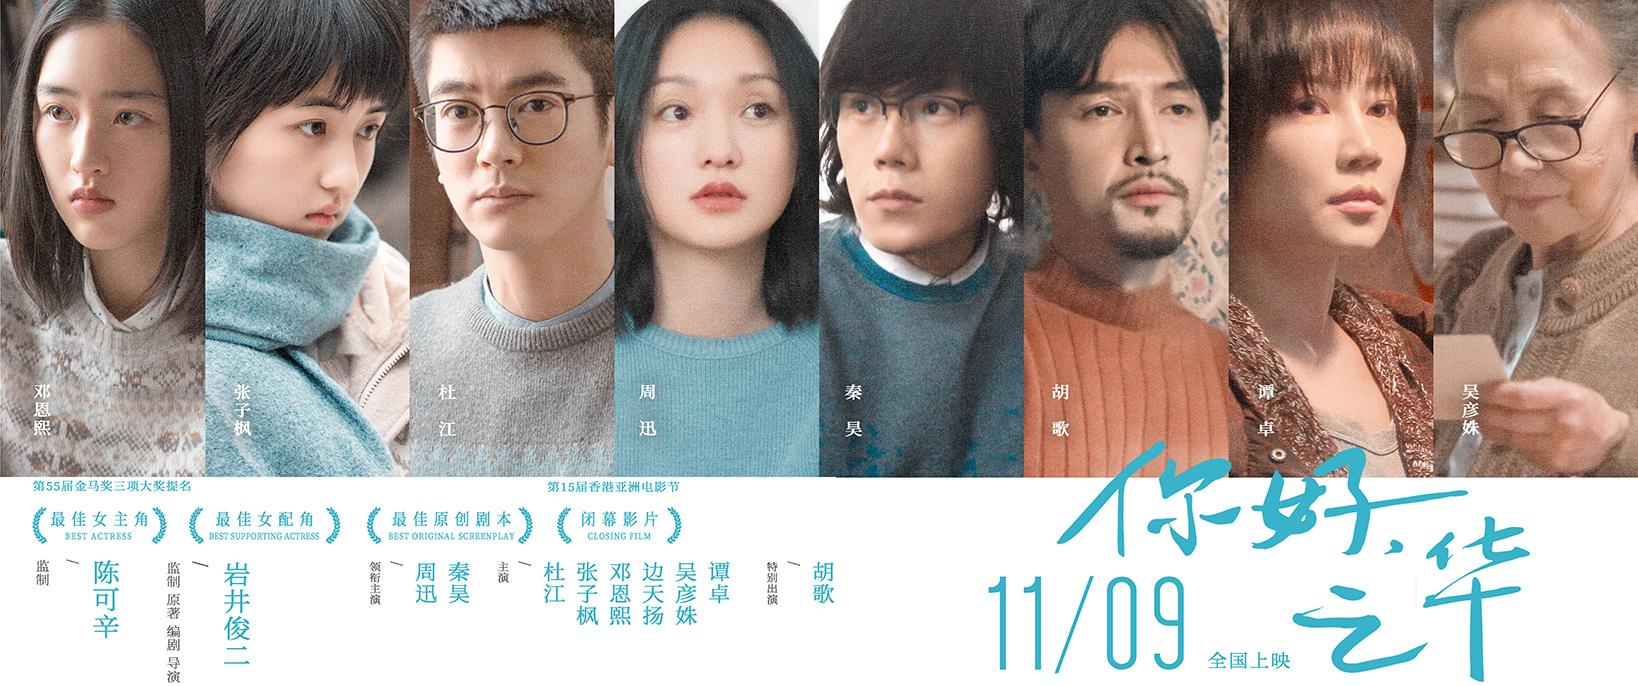 电影《你好,之华》的海报为何刷爆朋友圈?因为他,终于来了!